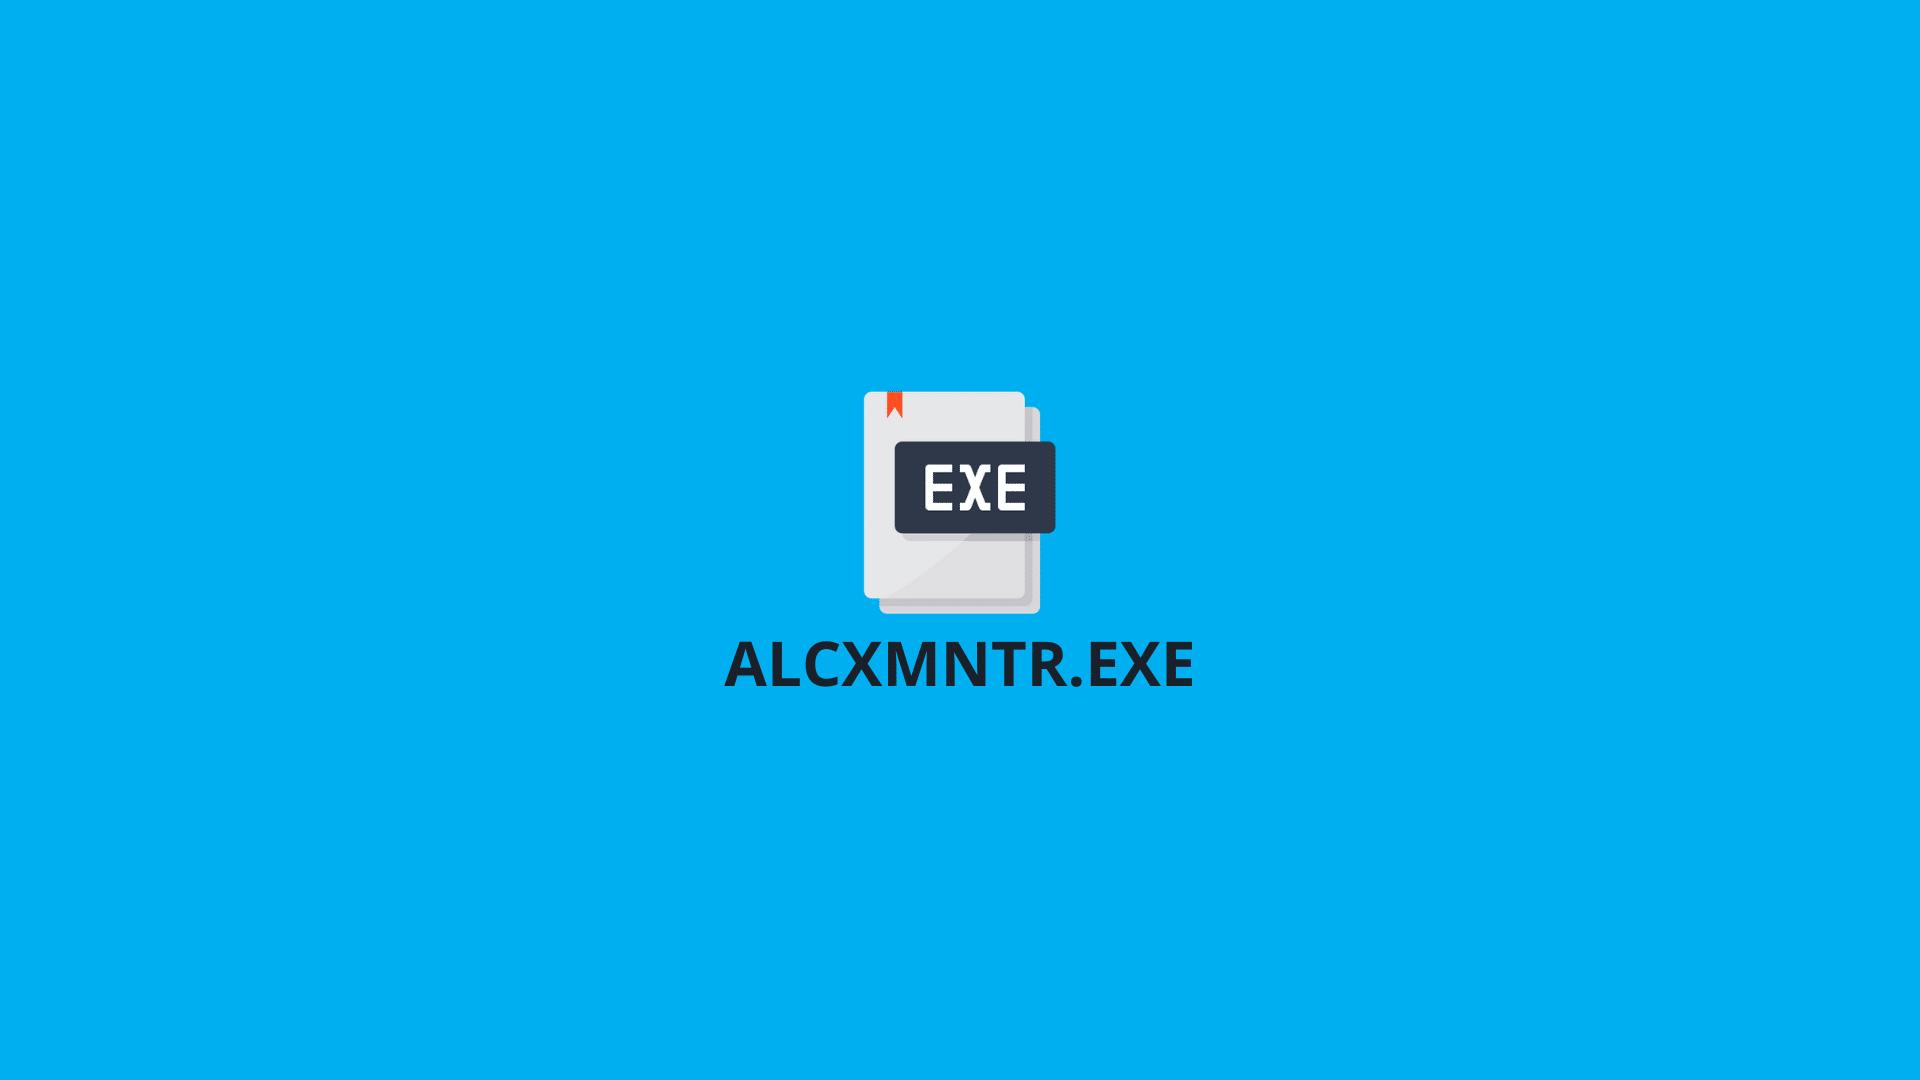 Alcxmntr.exe